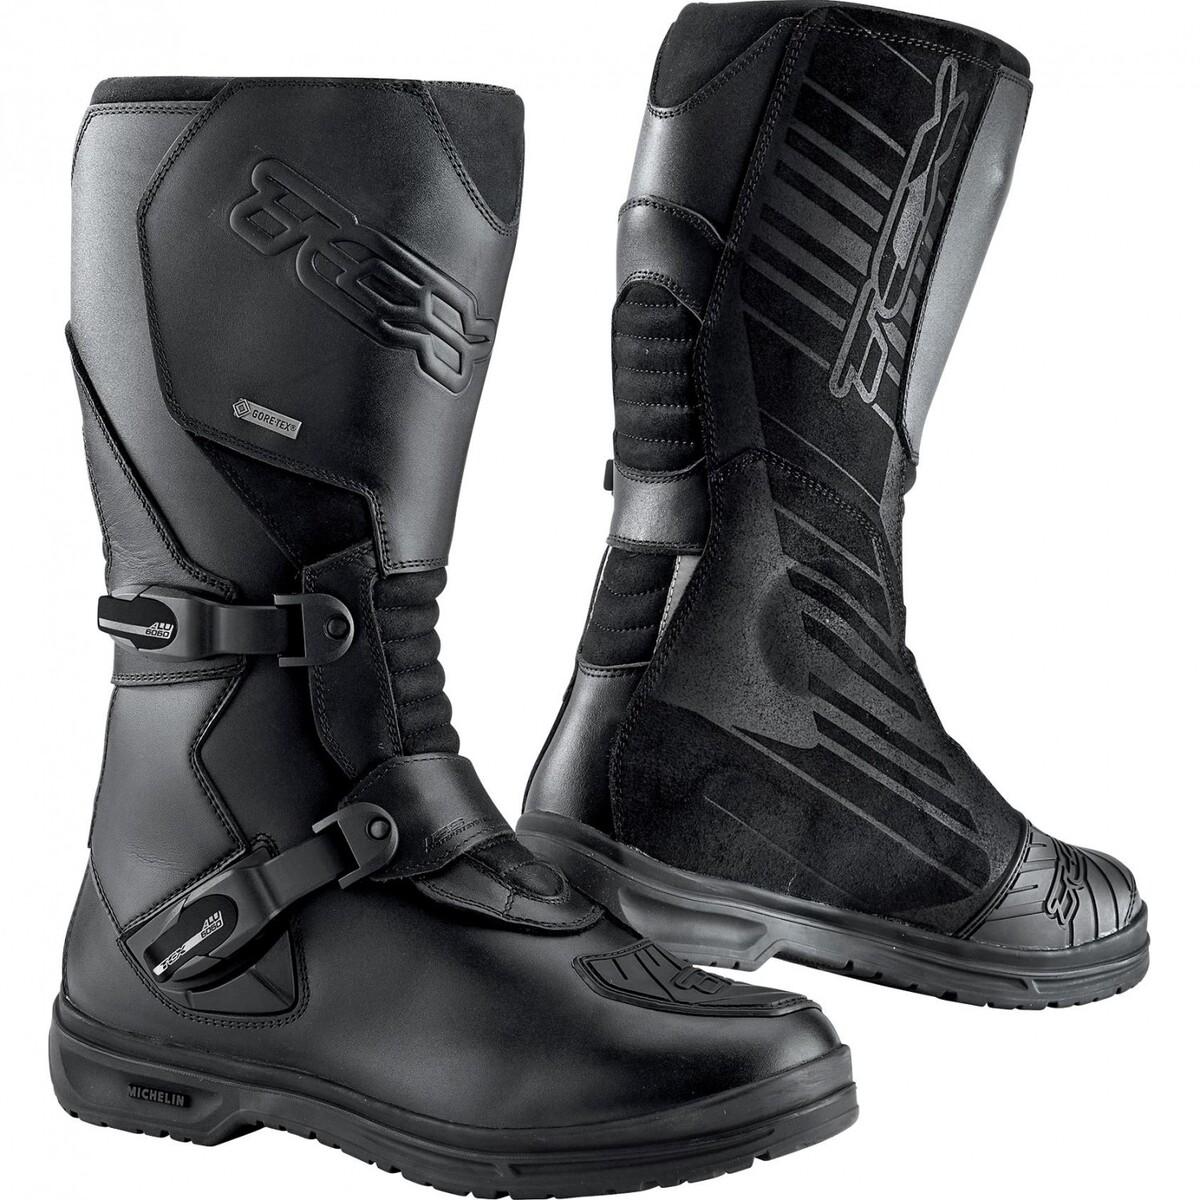 Bild 1 von TCX Infinity EVO Gore-Tex Stiefel Motorradstiefel schwarz Unisex Größe 41